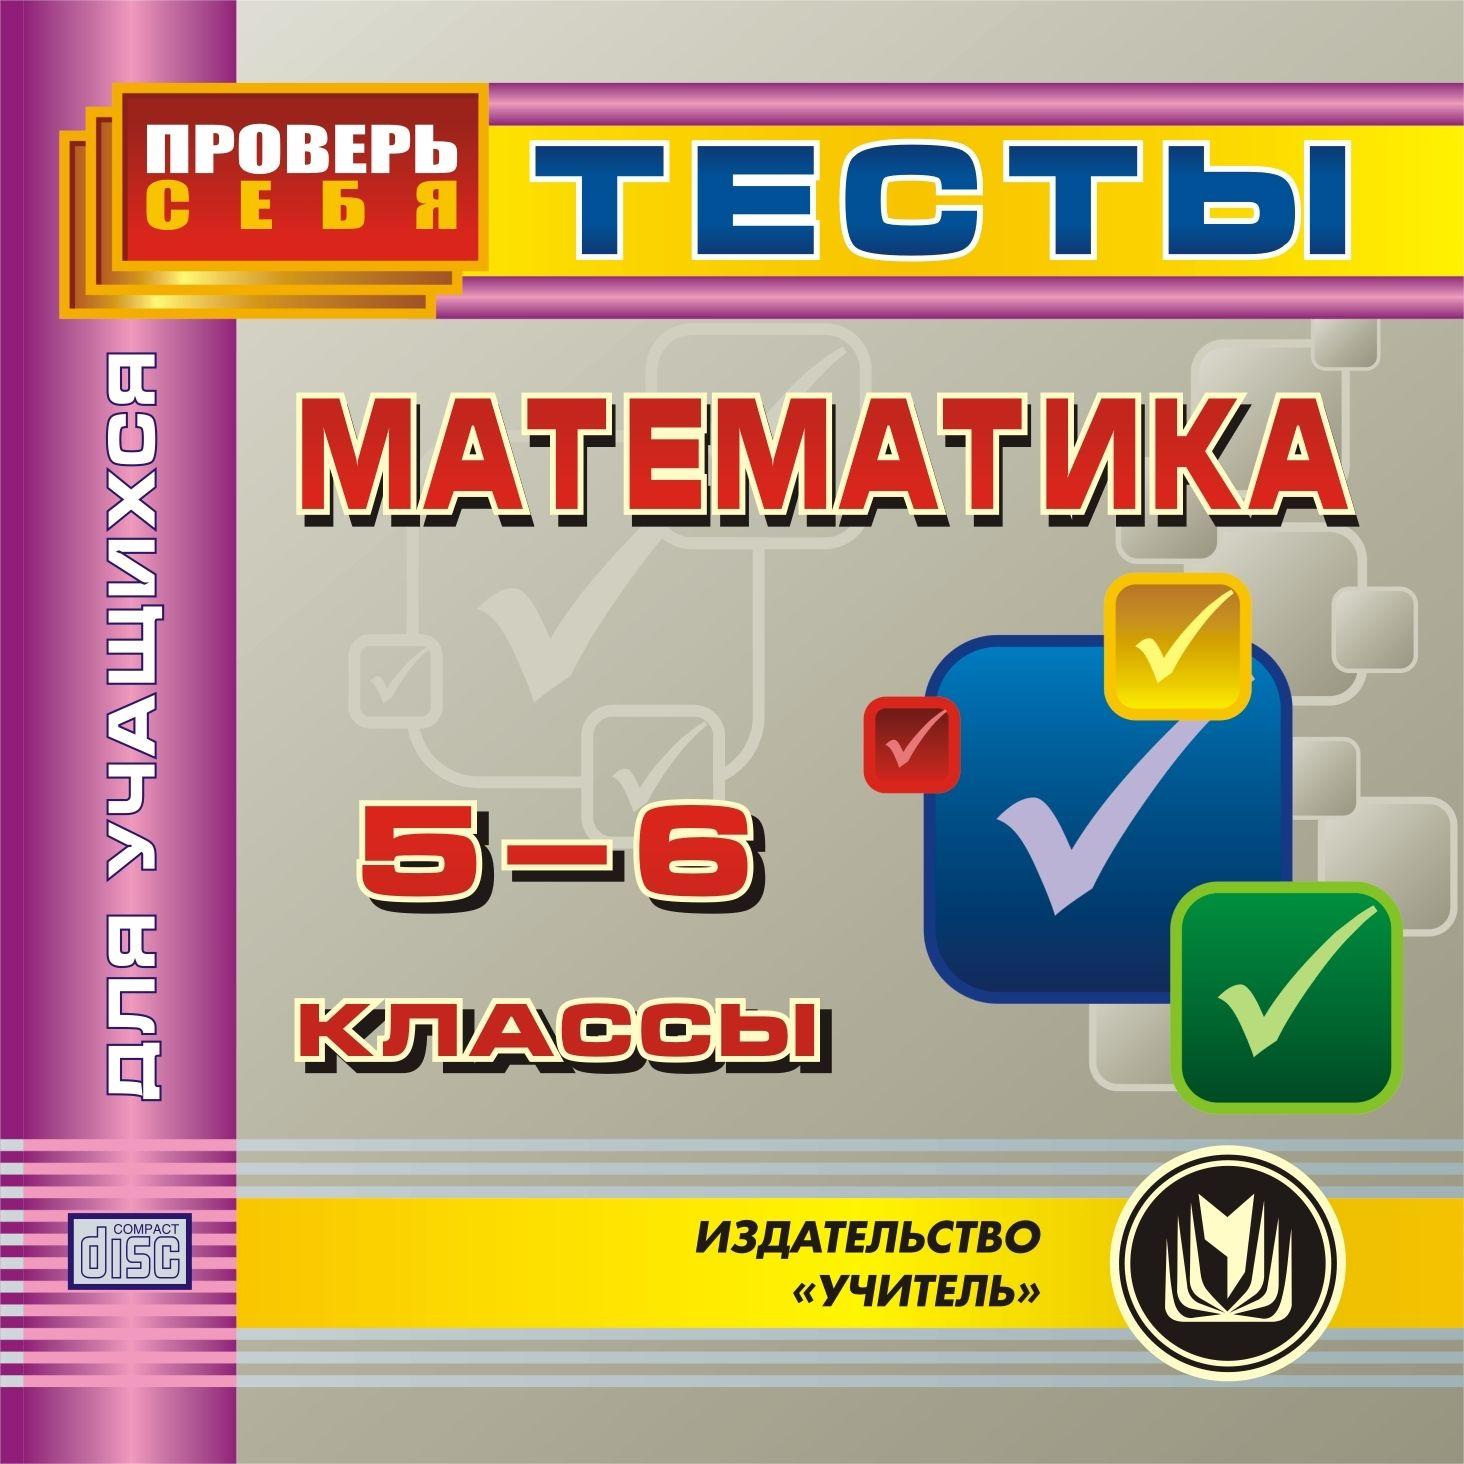 Математика 5-6 классы. Тесты для учащихся. Компакт-диск для компьютераСредняя школа<br>В электронном пособии Математика. 5-6 классы. Тесты для учащихся содержится ряд тестов, составленных в соответствии со стандартами средней общеобразовательной школы. Пособие создано в помощь учащимся 5-6 классов, желающим проверить и повысить свой  уров...<br><br>Авторы: Коллектив авторов<br>Год: 2011<br>Серия: Проверь себя<br>Высота: 125<br>Ширина: 141<br>Толщина: 10